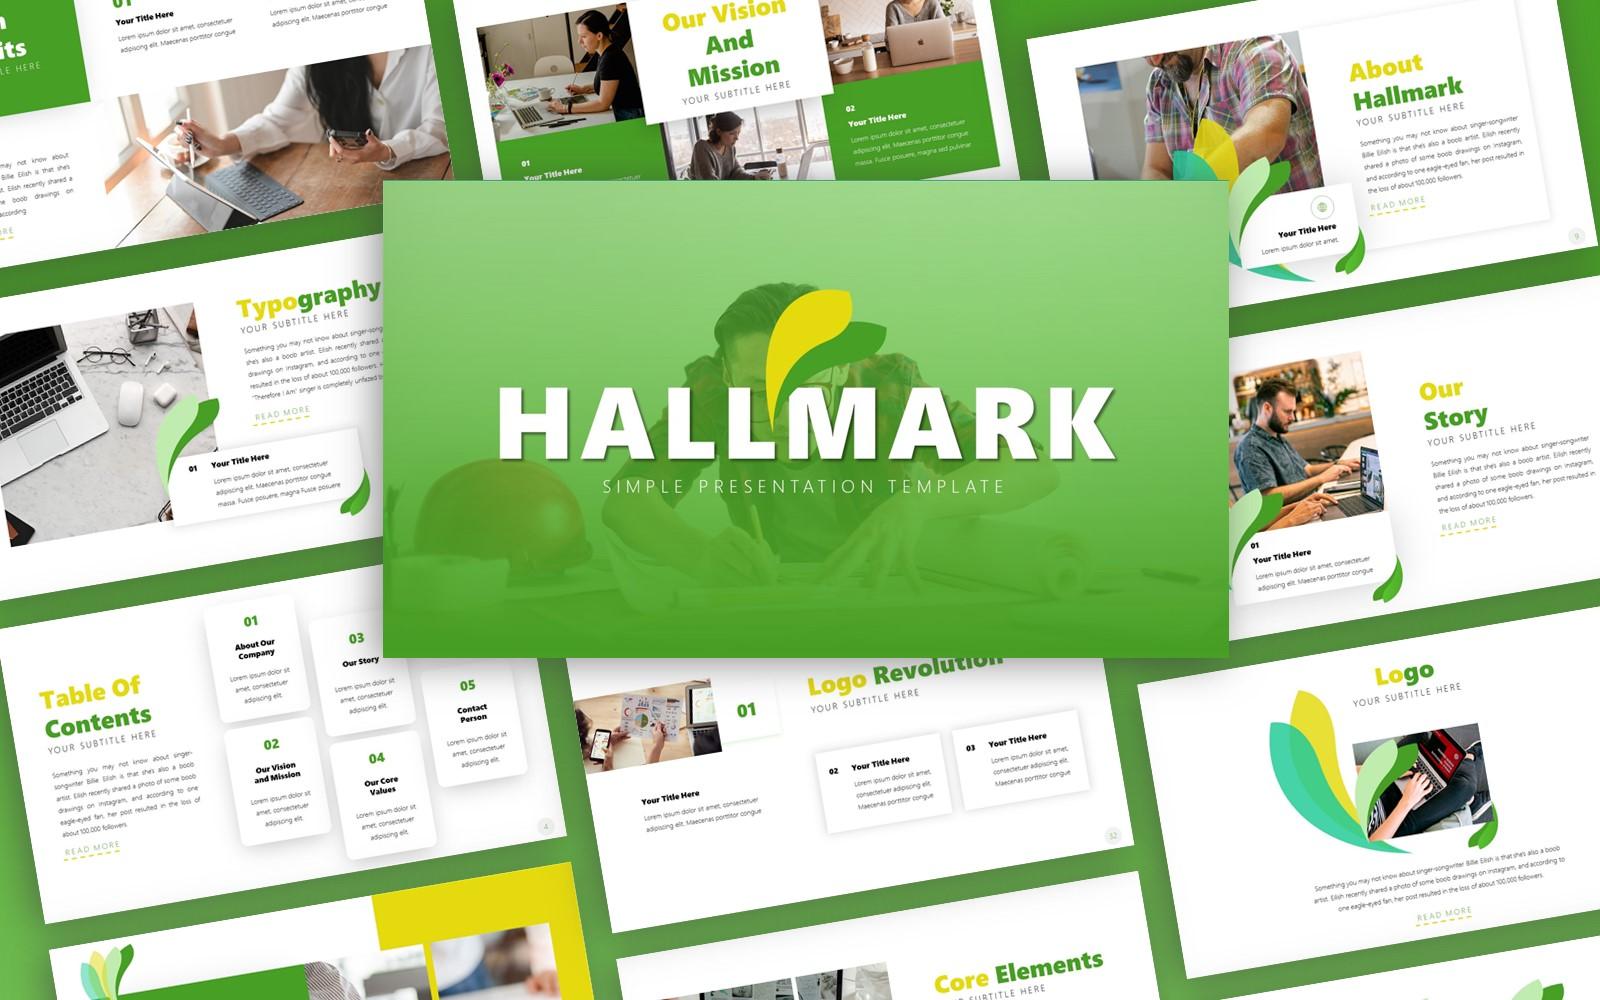 Hallmark Brand Guidelines Presentation PowerPoint Template